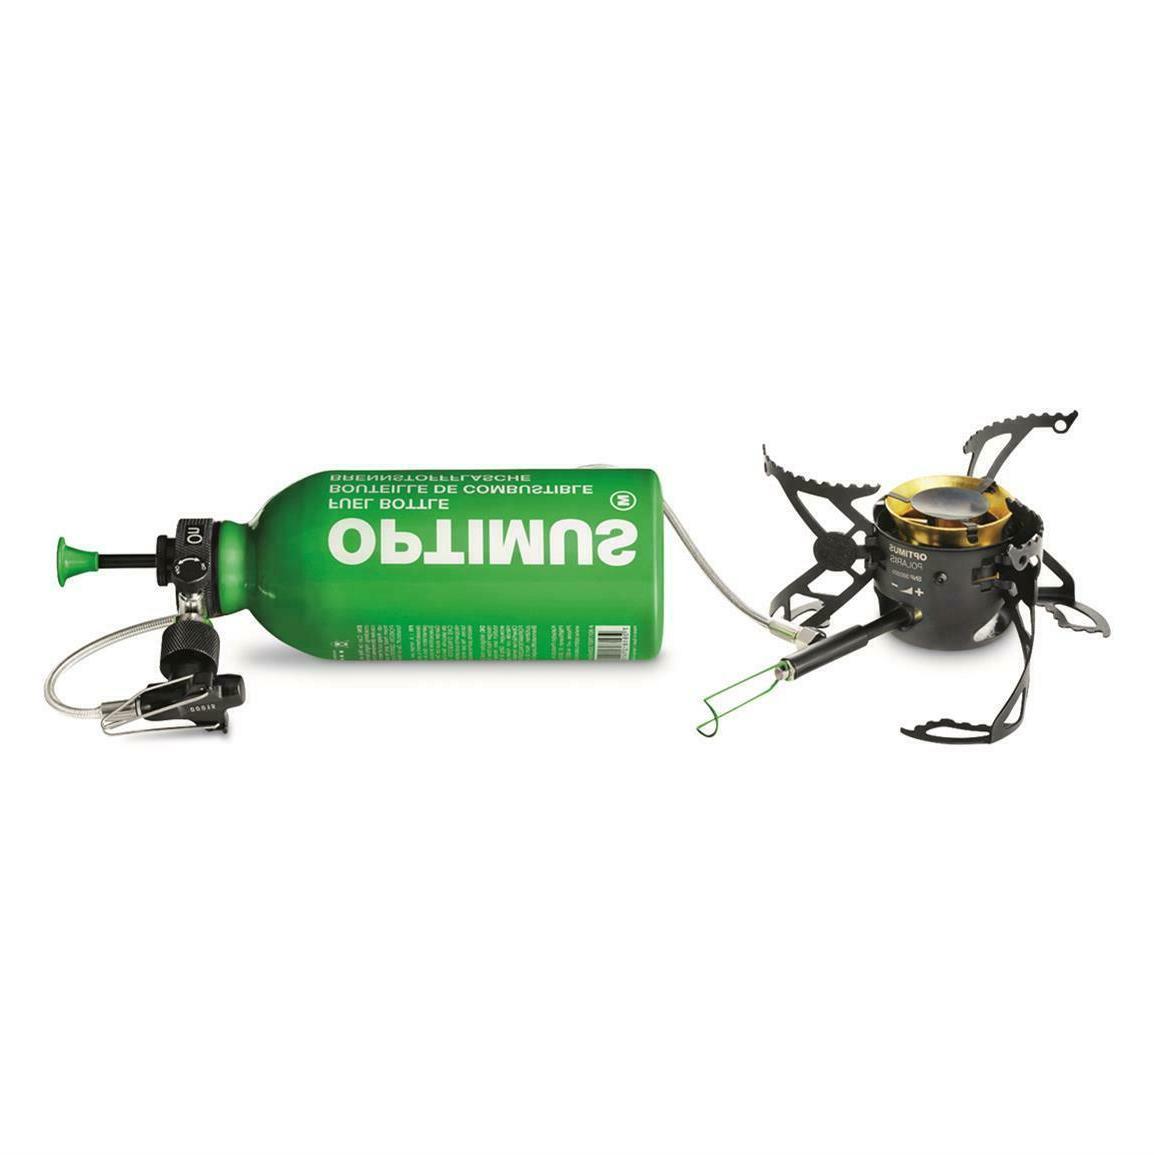 Optimus Polaris Optifuel Stove, with 0.4L Fuel Bottle, multi